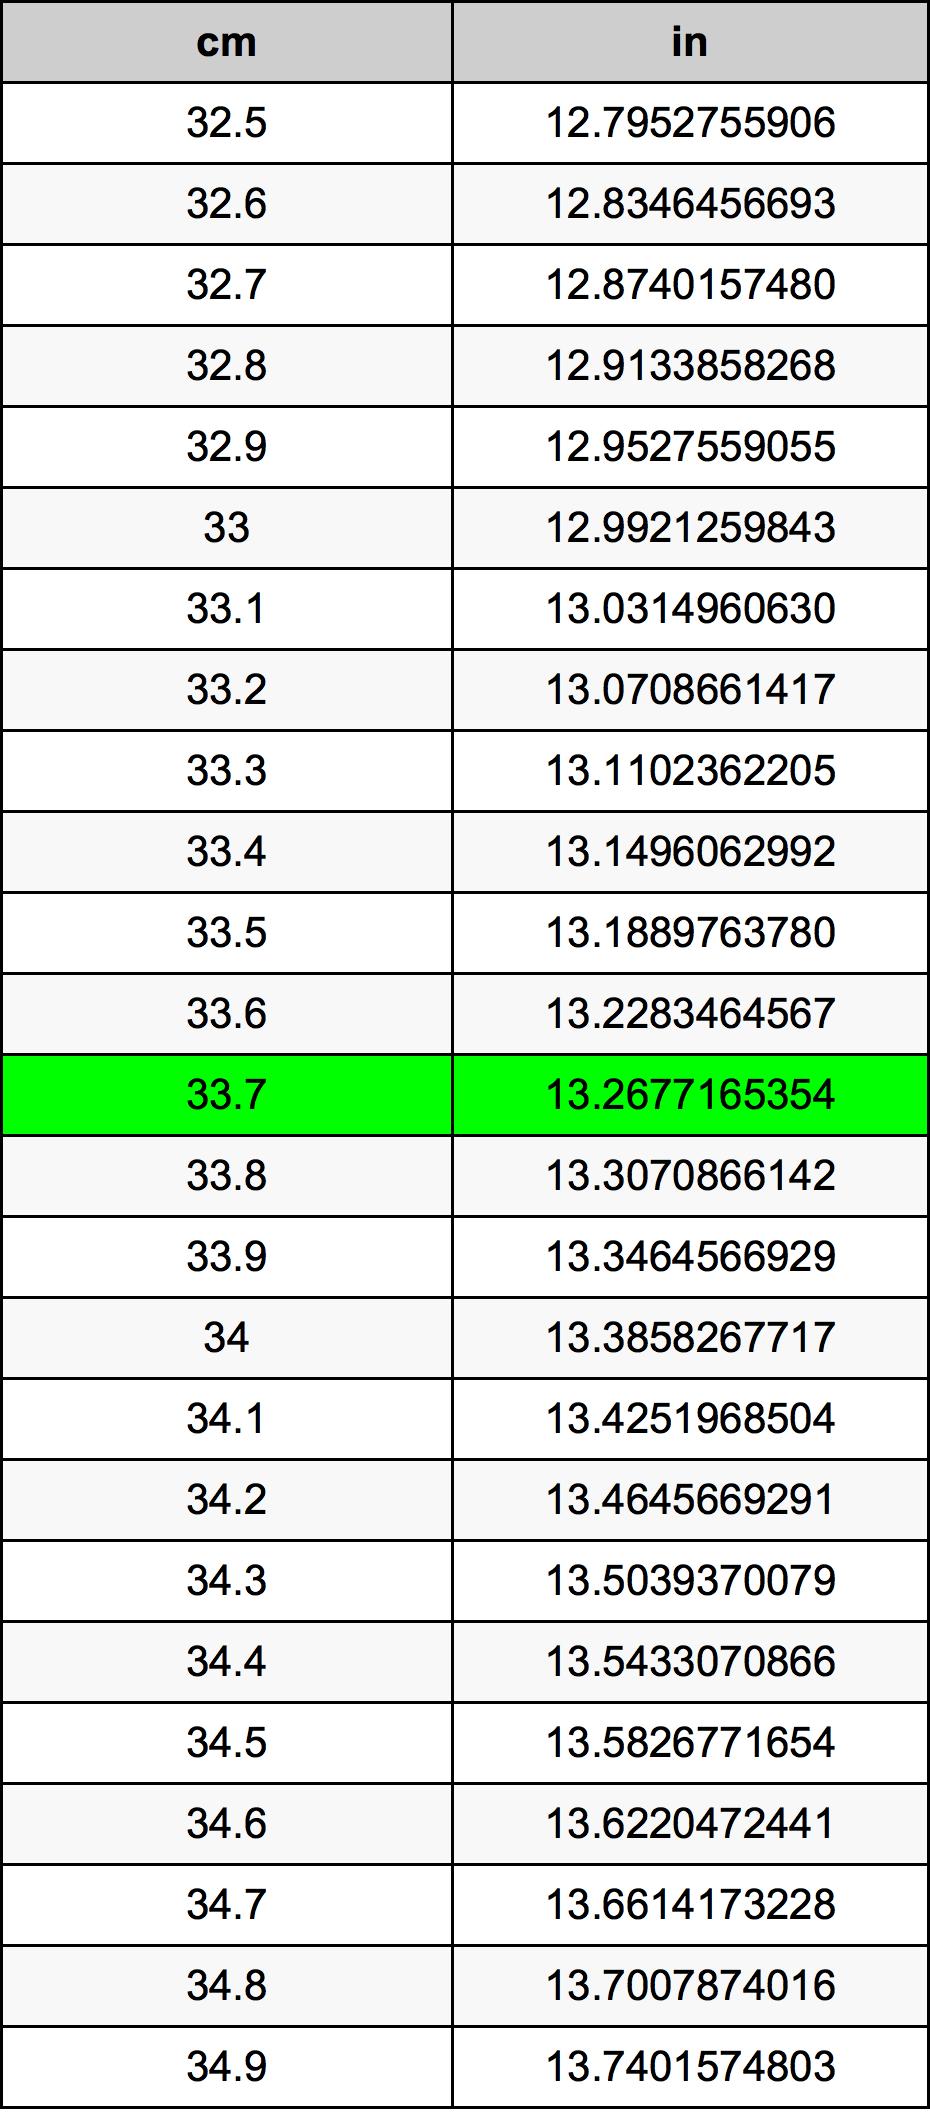 33.7 સેન્ટીમીટર રૂપાંતર કોષ્ટક